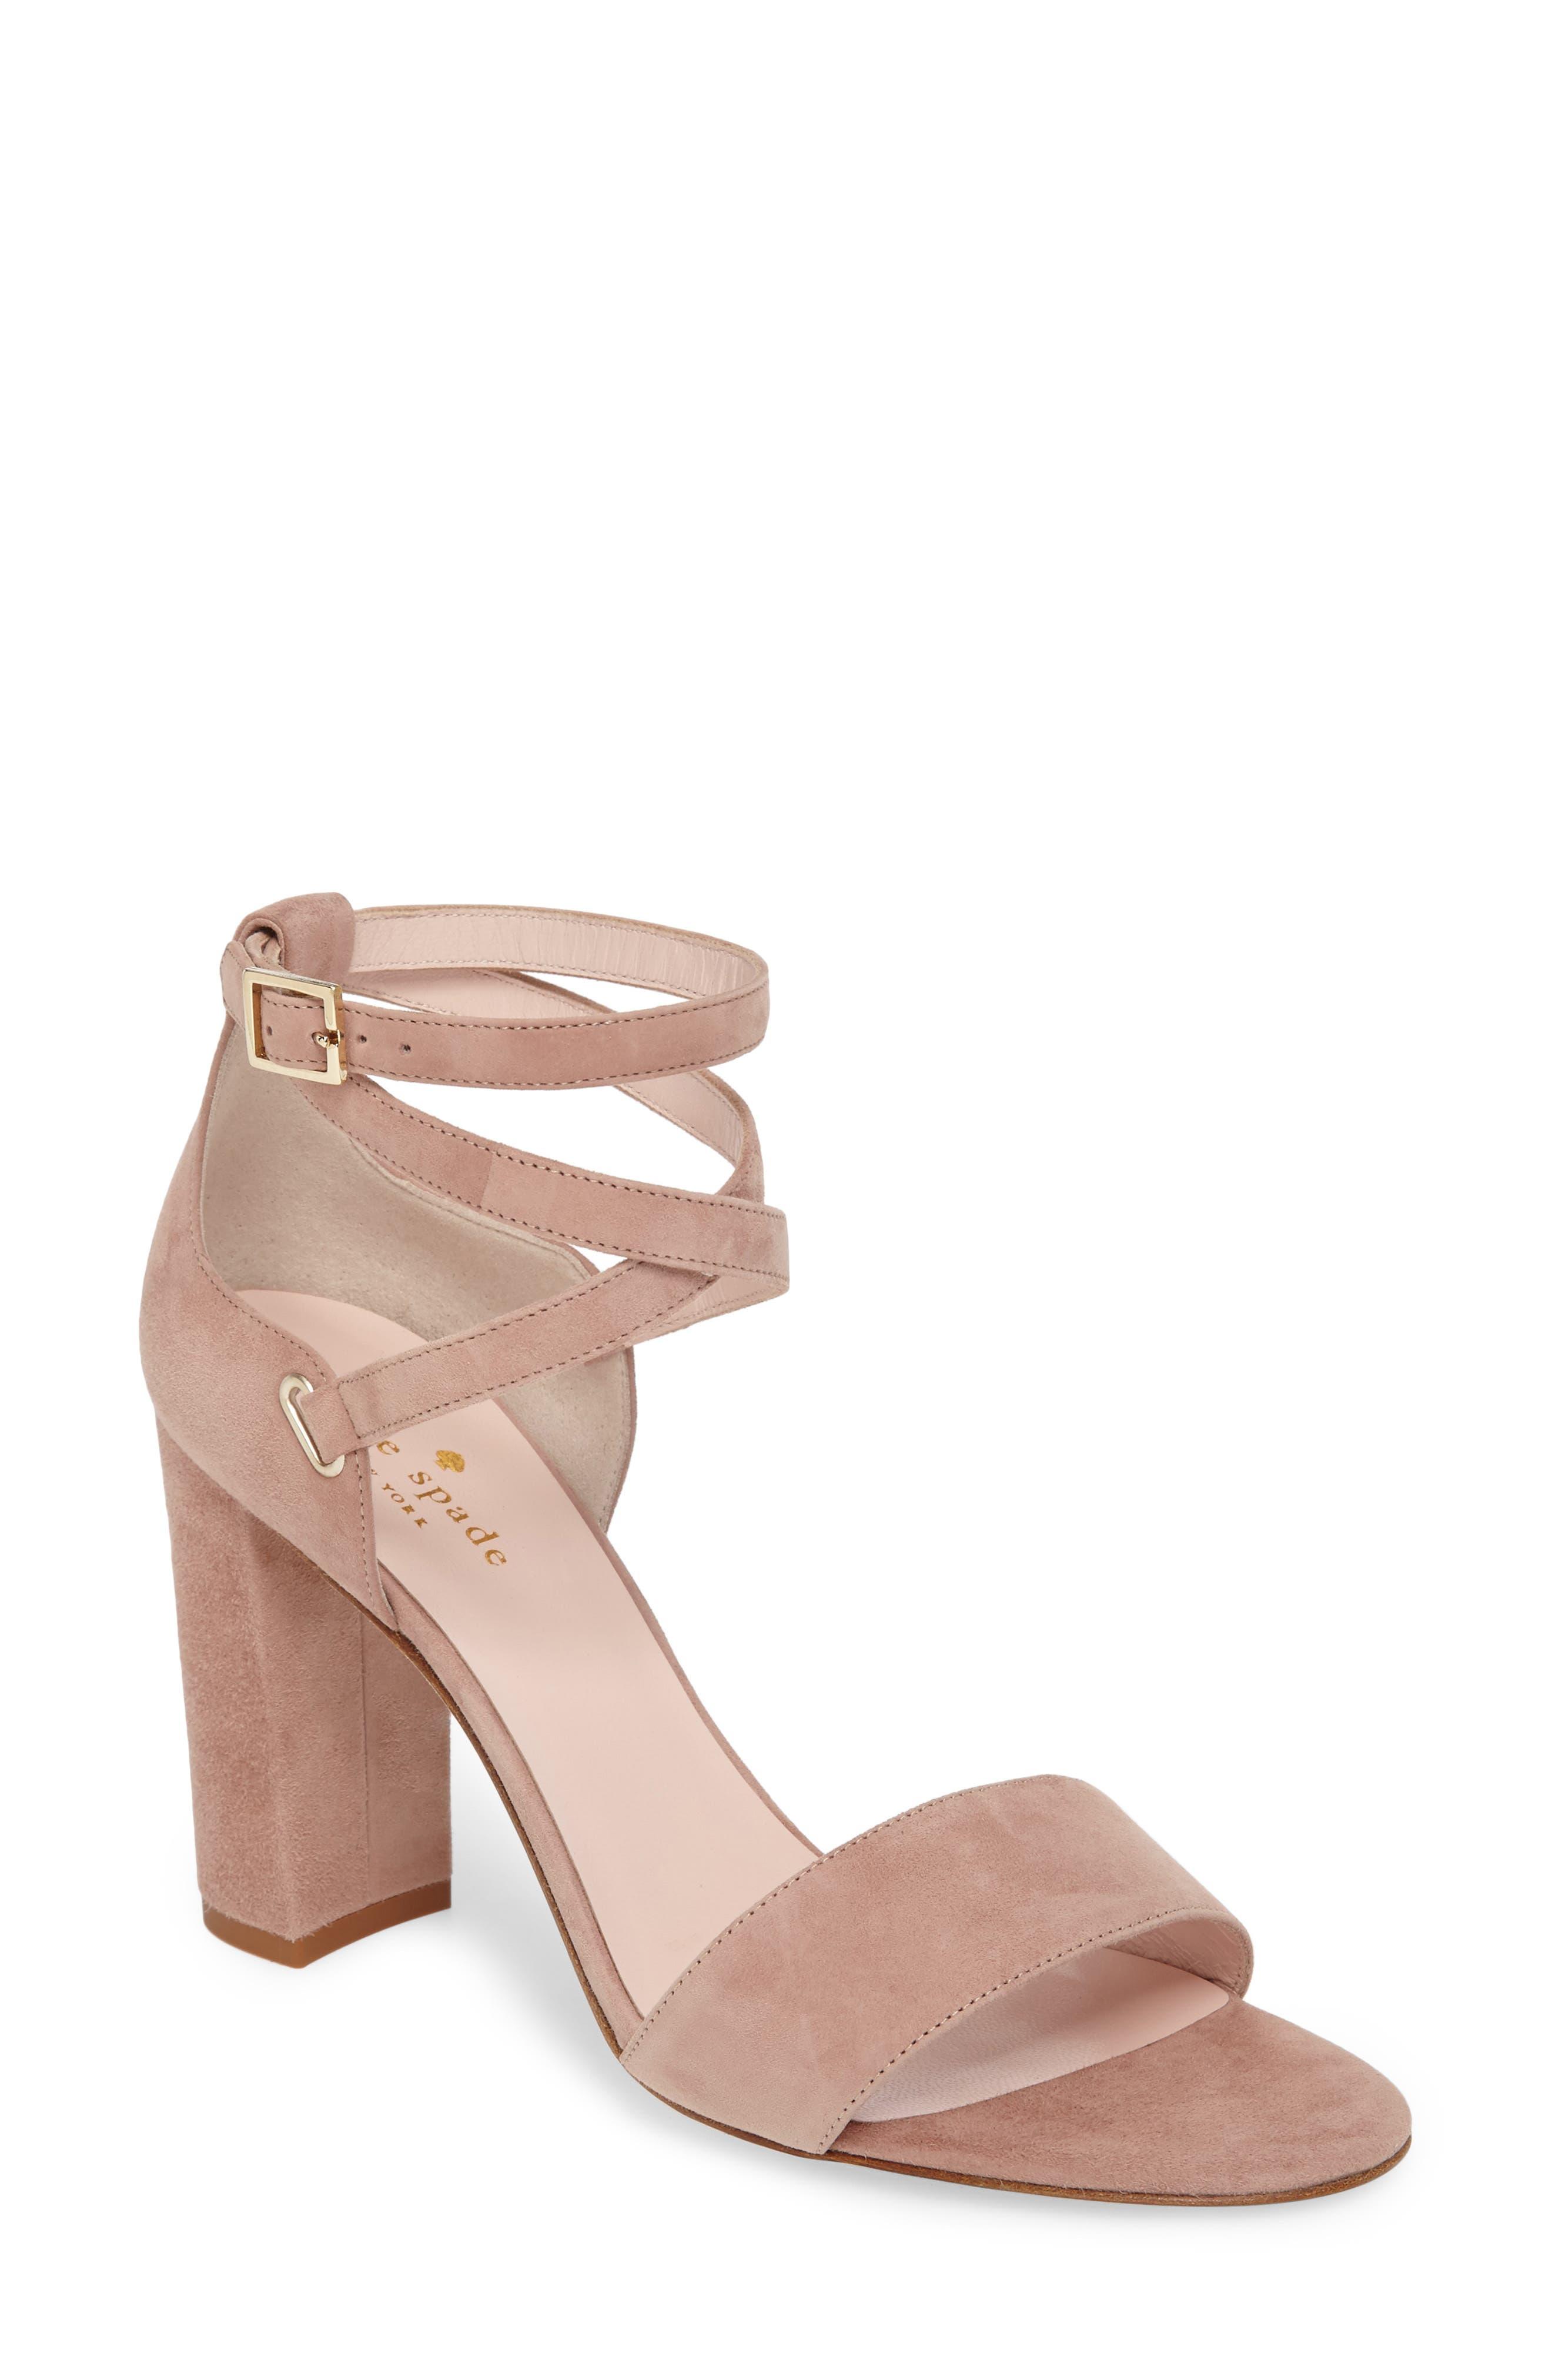 Alternate Image 1 Selected - kate spade new york isolde sandal (Women)